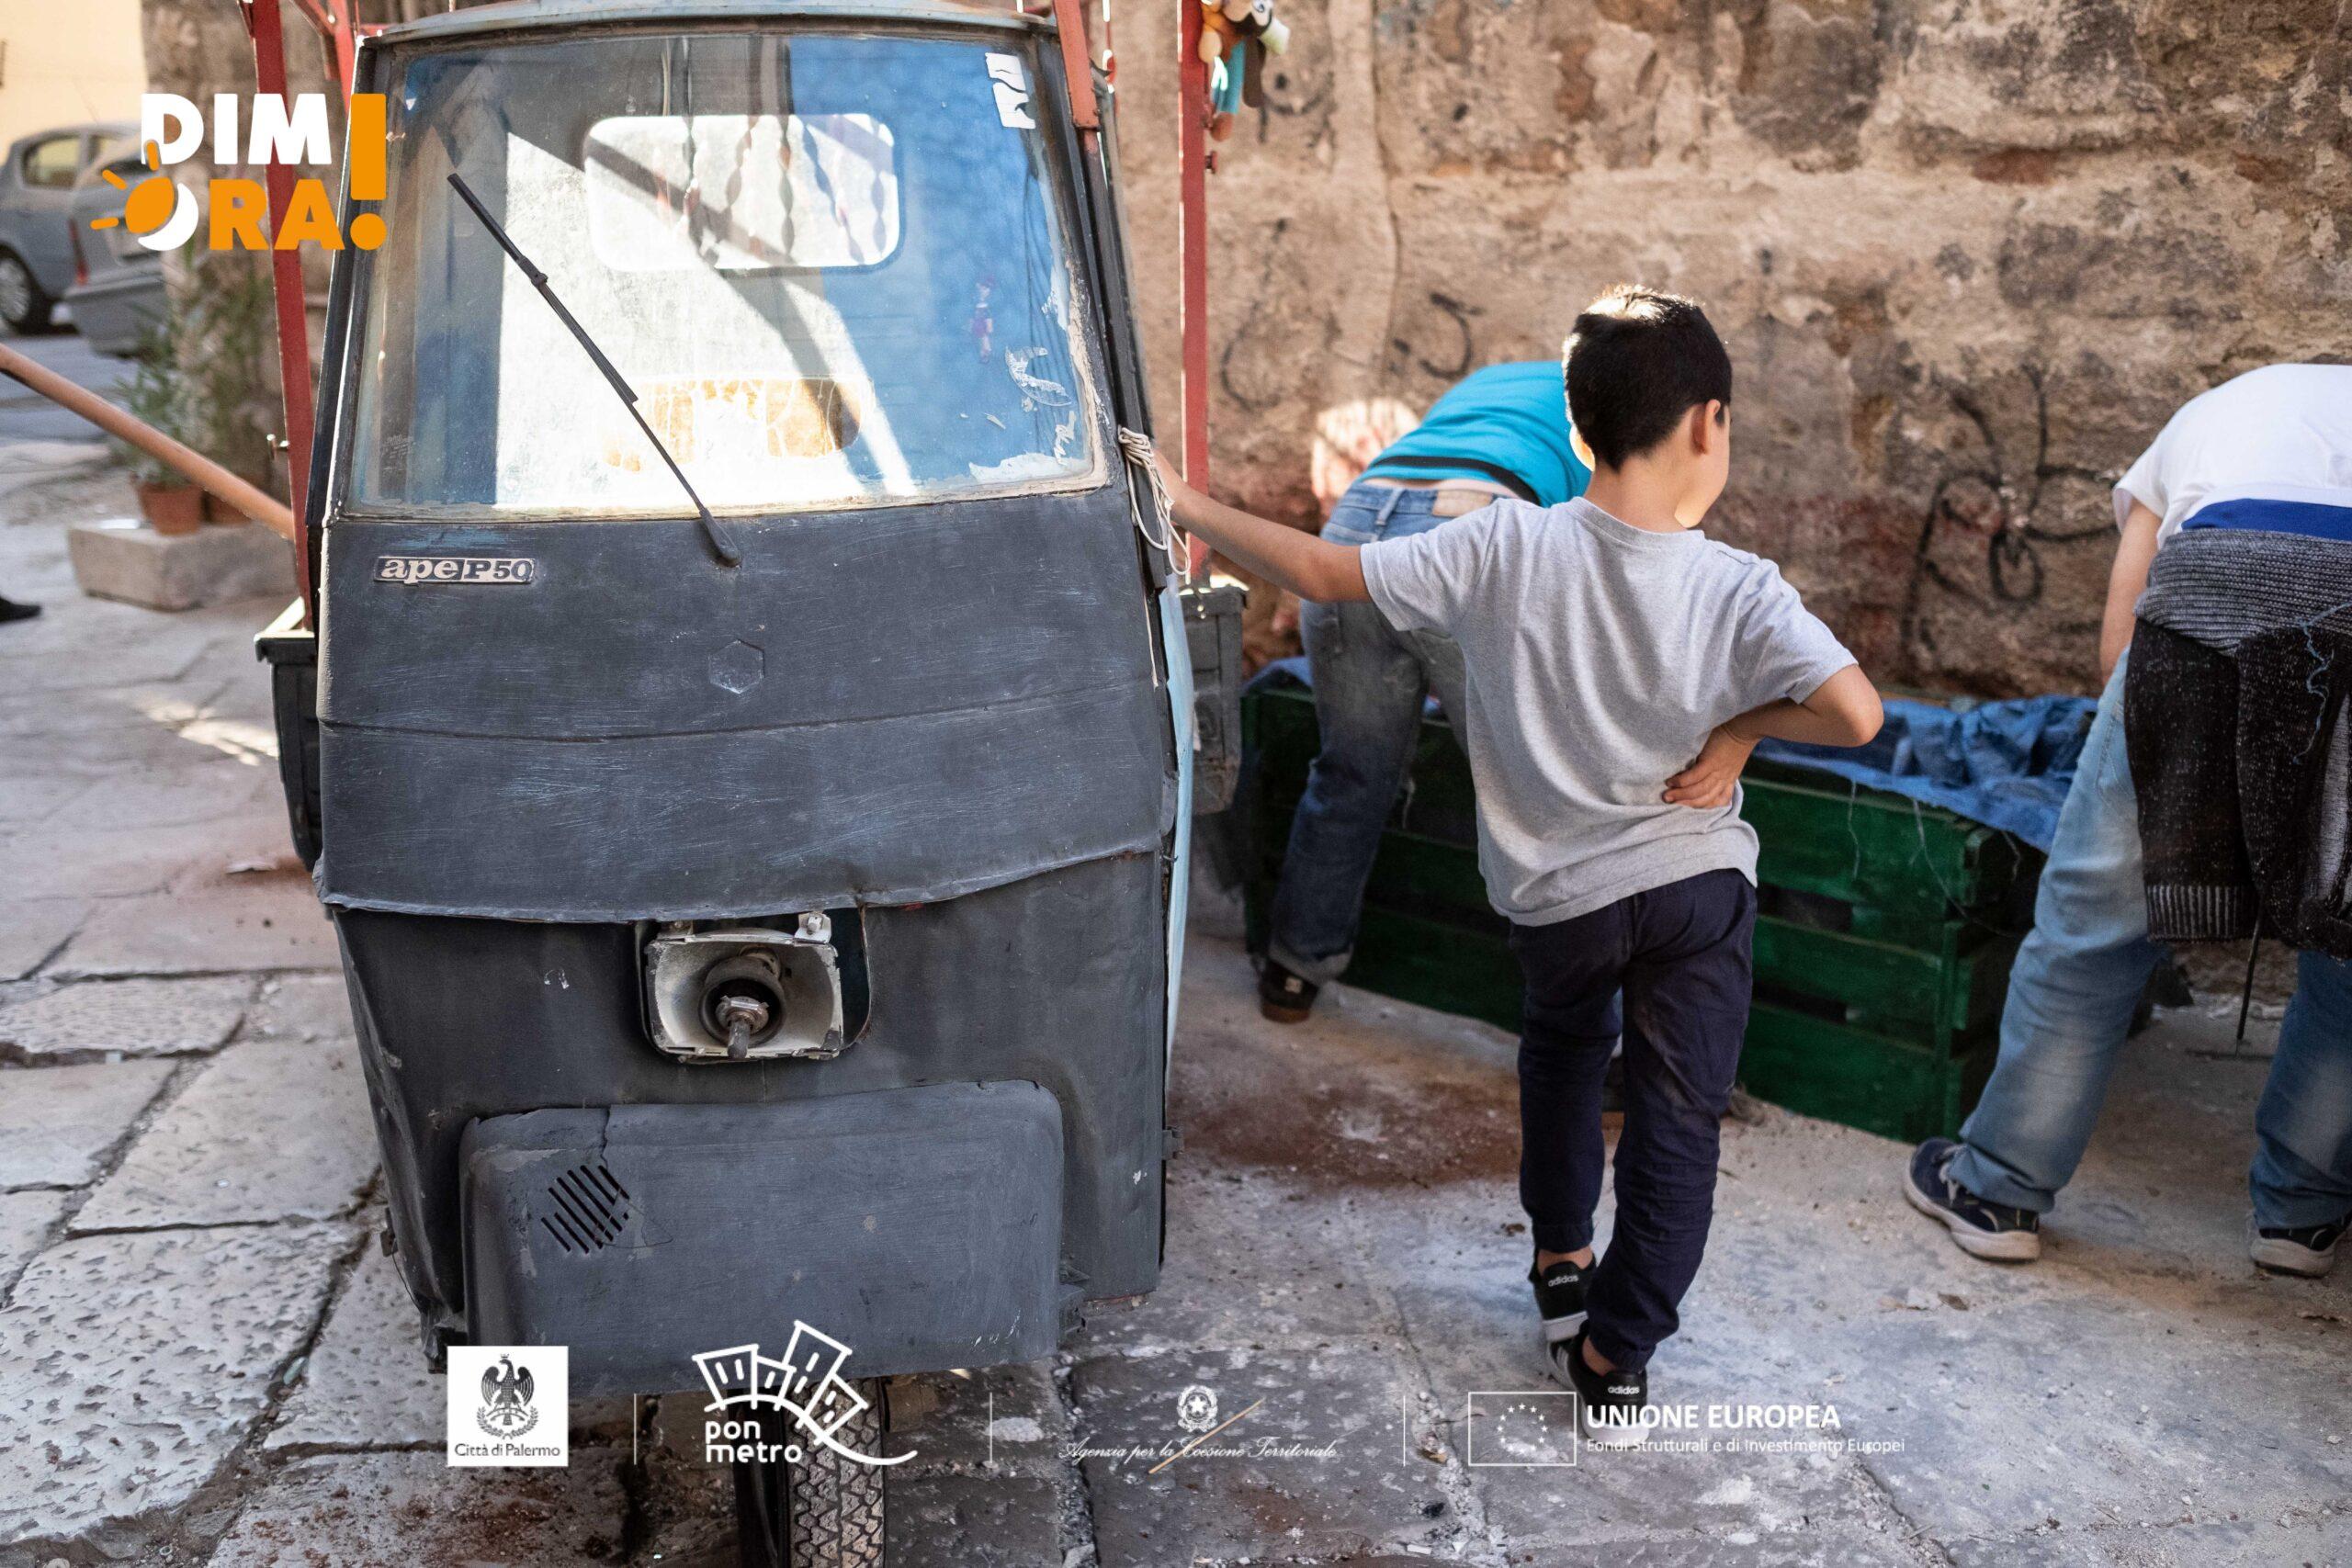 Vivi il centro storico senza il peso dei rifiuti – Gallery